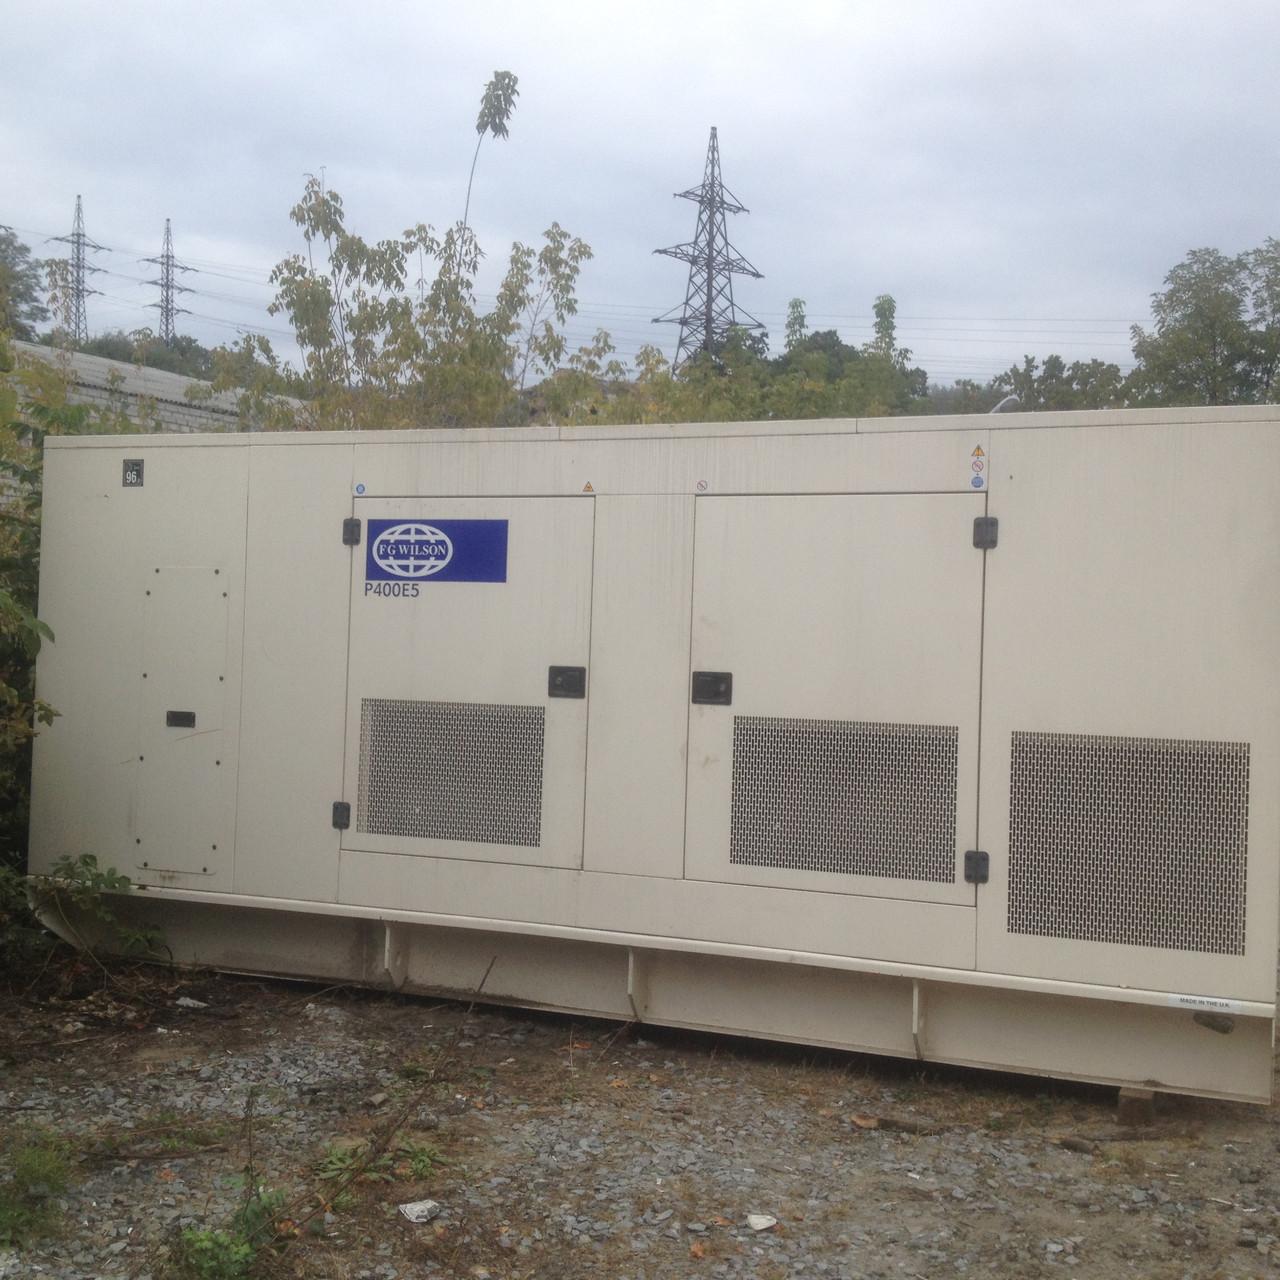 Аренда дизельного генератора FG Wilson P400 E5 (280 кВт)